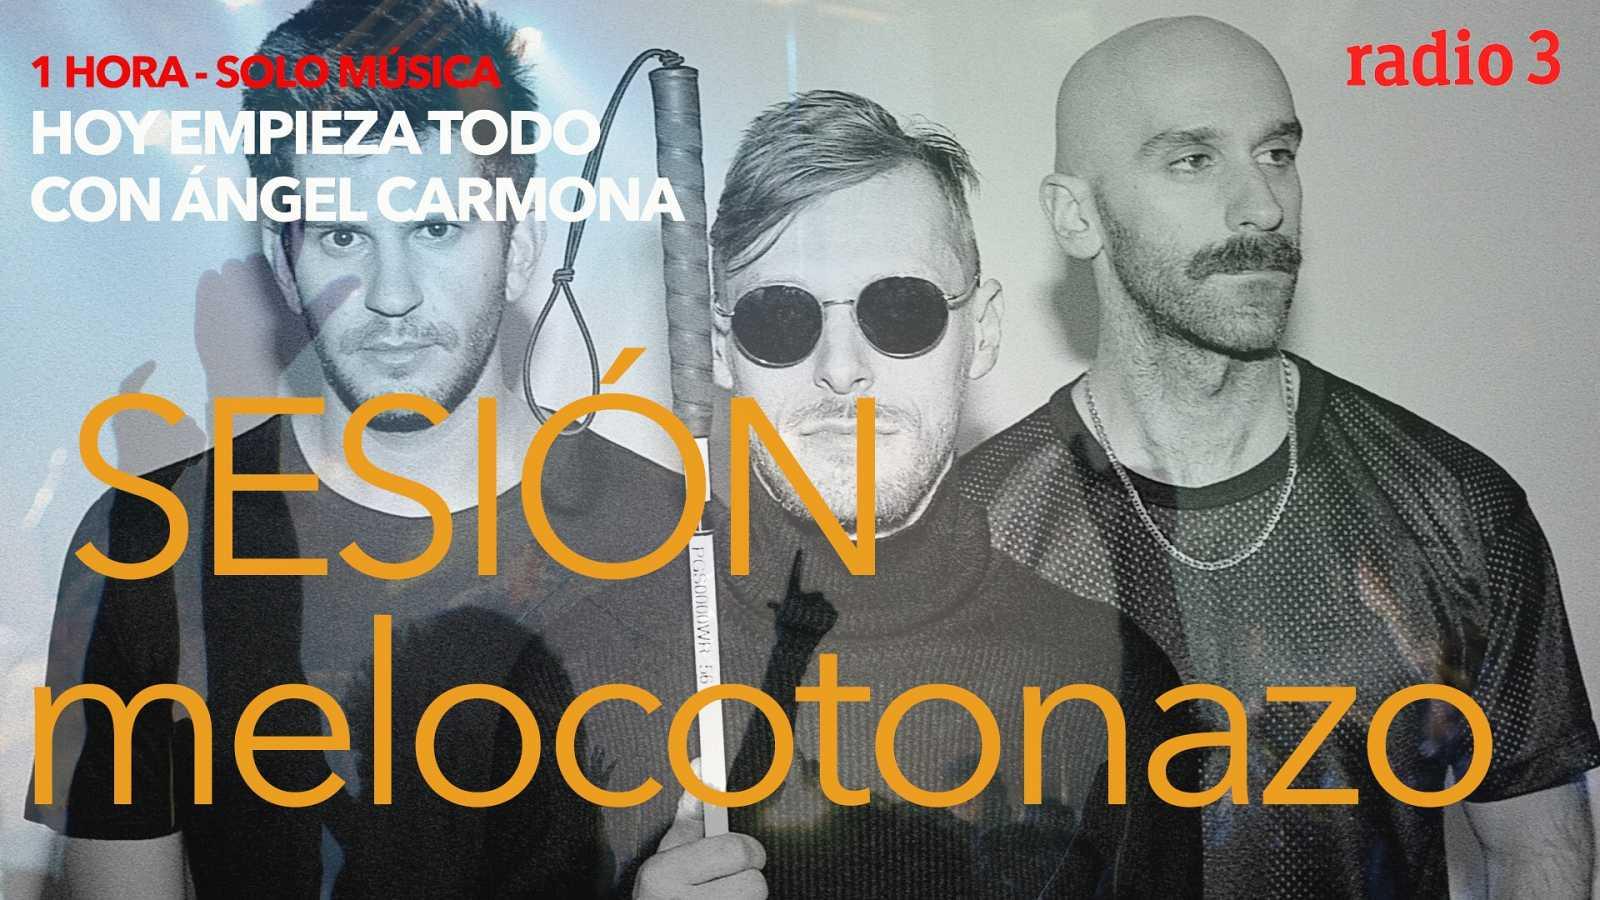 Hoy empieza todo con Ángel Carmona - #SesiónMelocotonazo: Tom Jobin, X Ambassadors, Sonic Youth...- 25/01/21 - escuchar ahora